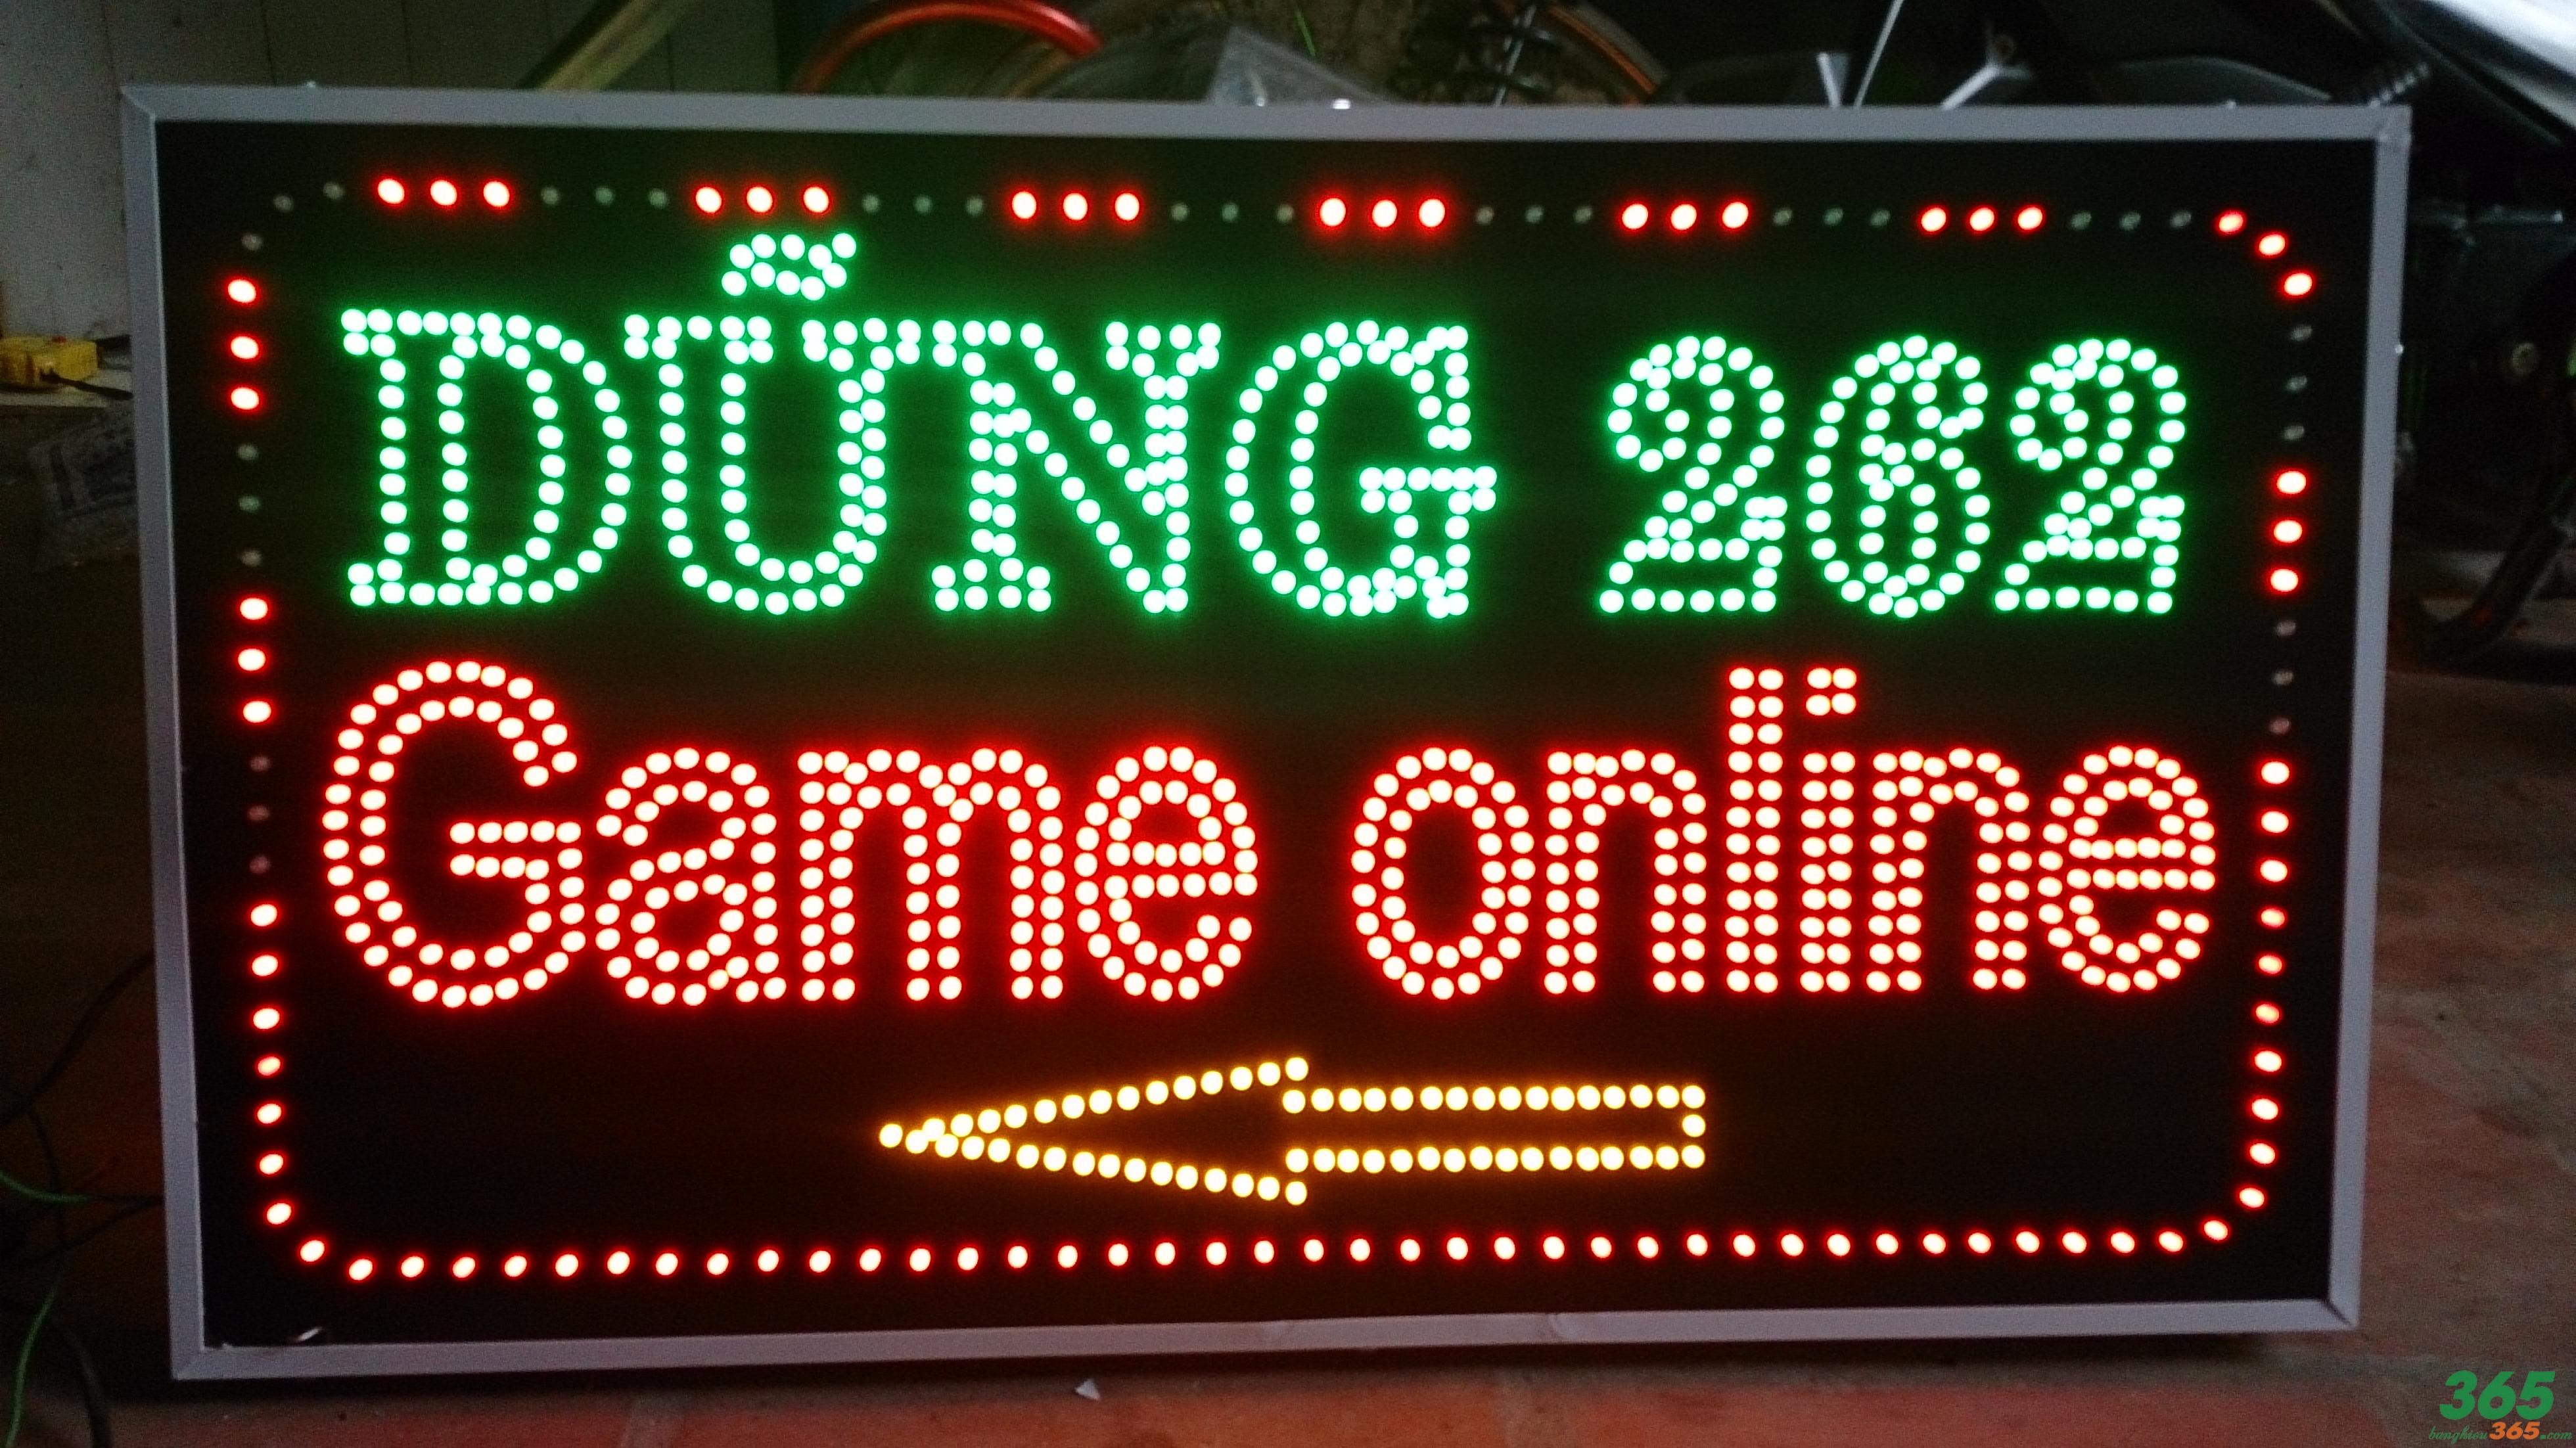 Biển vẫy đèn led cũng là một dạng bảng hiệu được nhiều quán game lựa chọn